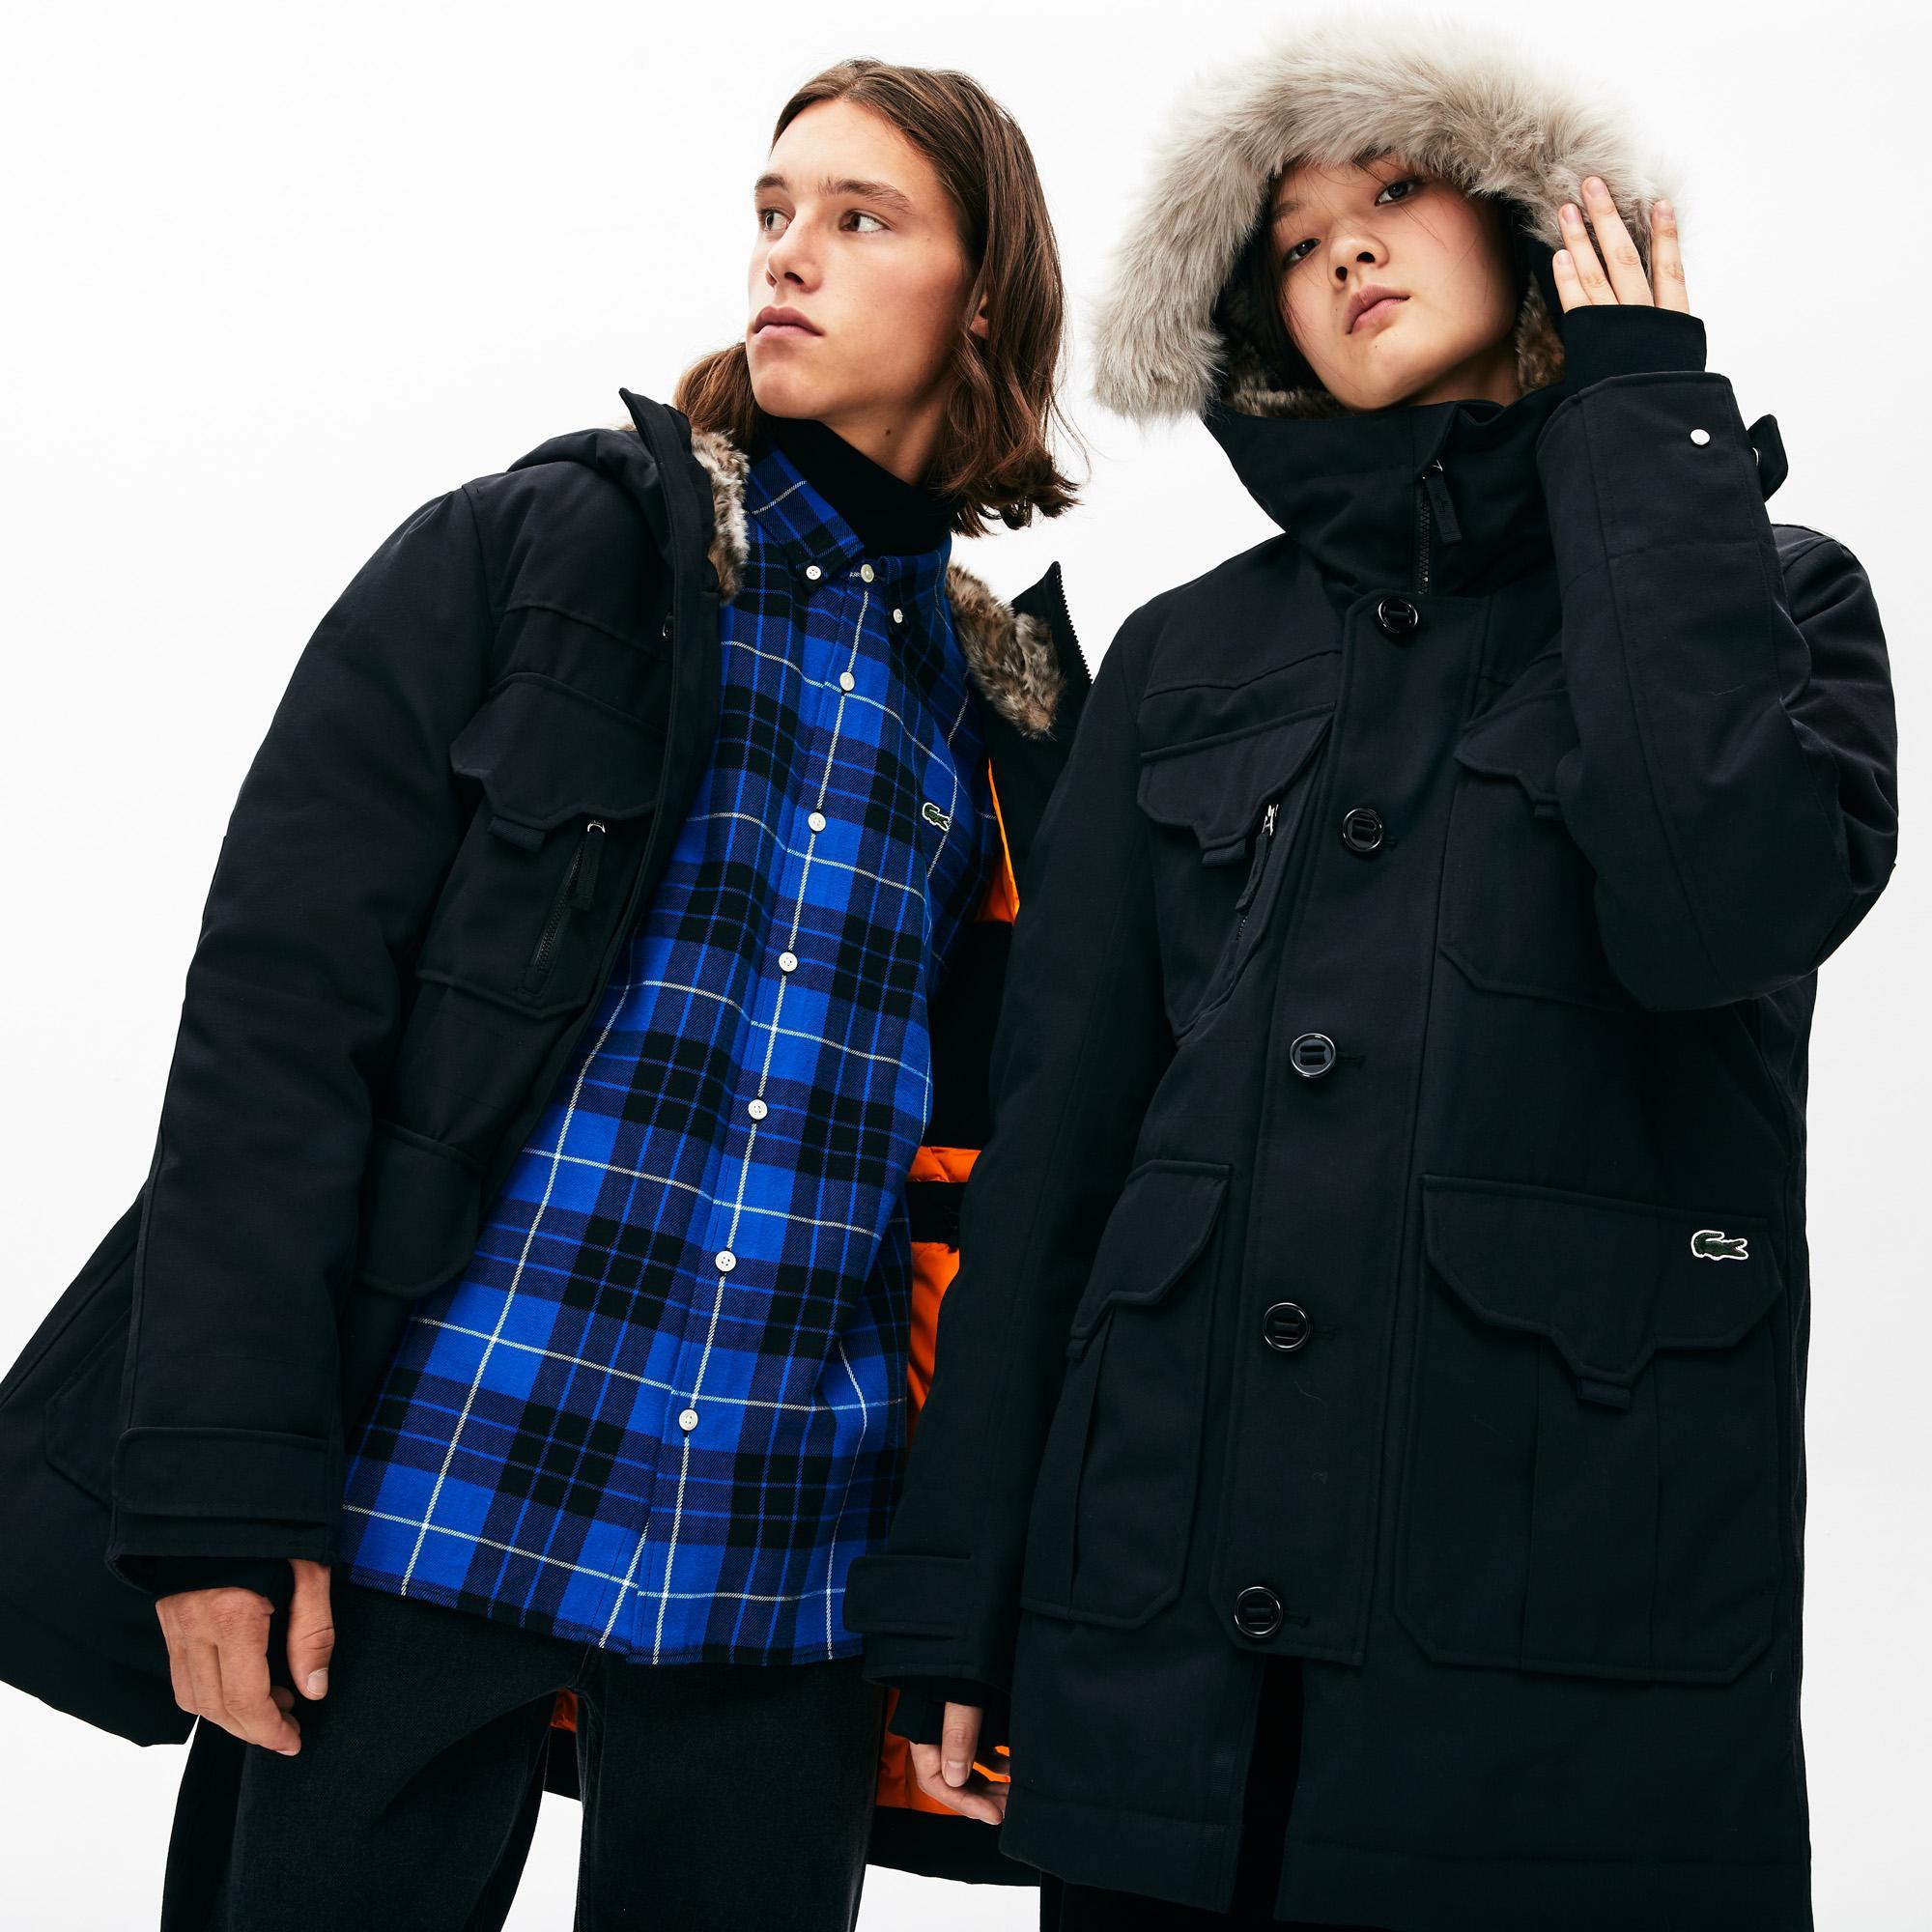 Lacoste L!VE Unisexfaux Fur Hooded Parka